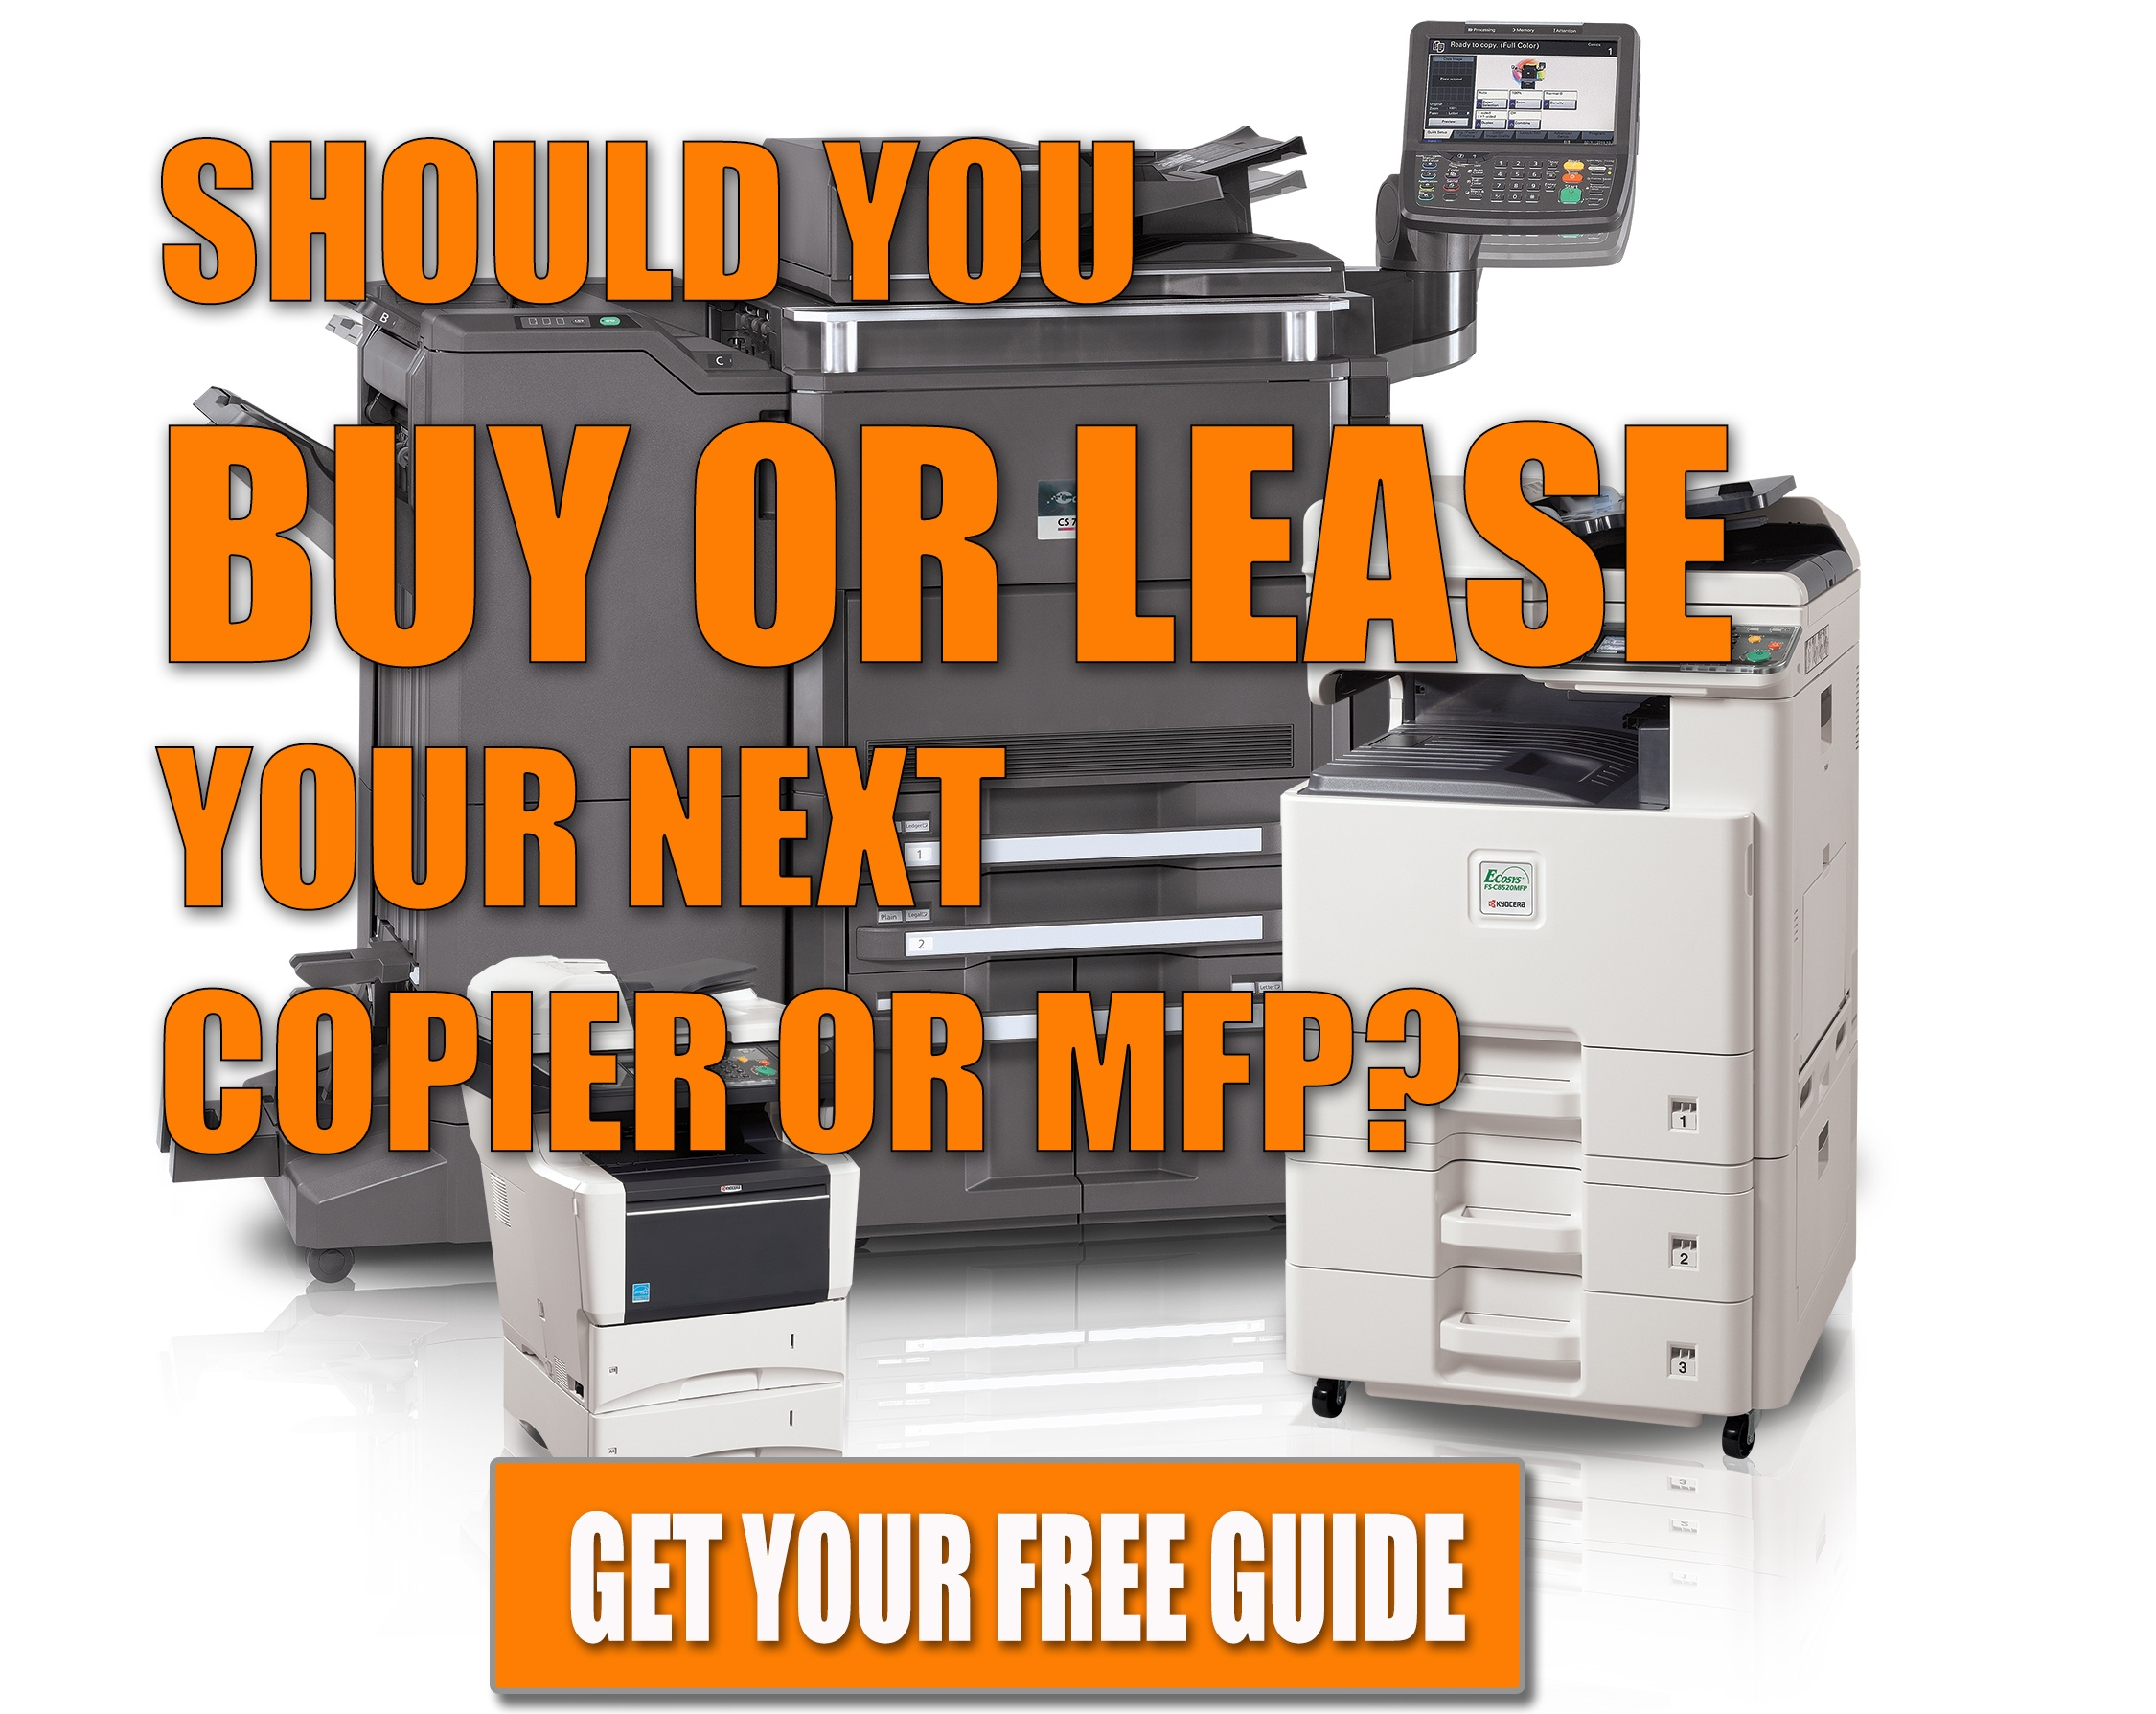 MFP_copiers__printers_GUIDE_MN.jpg